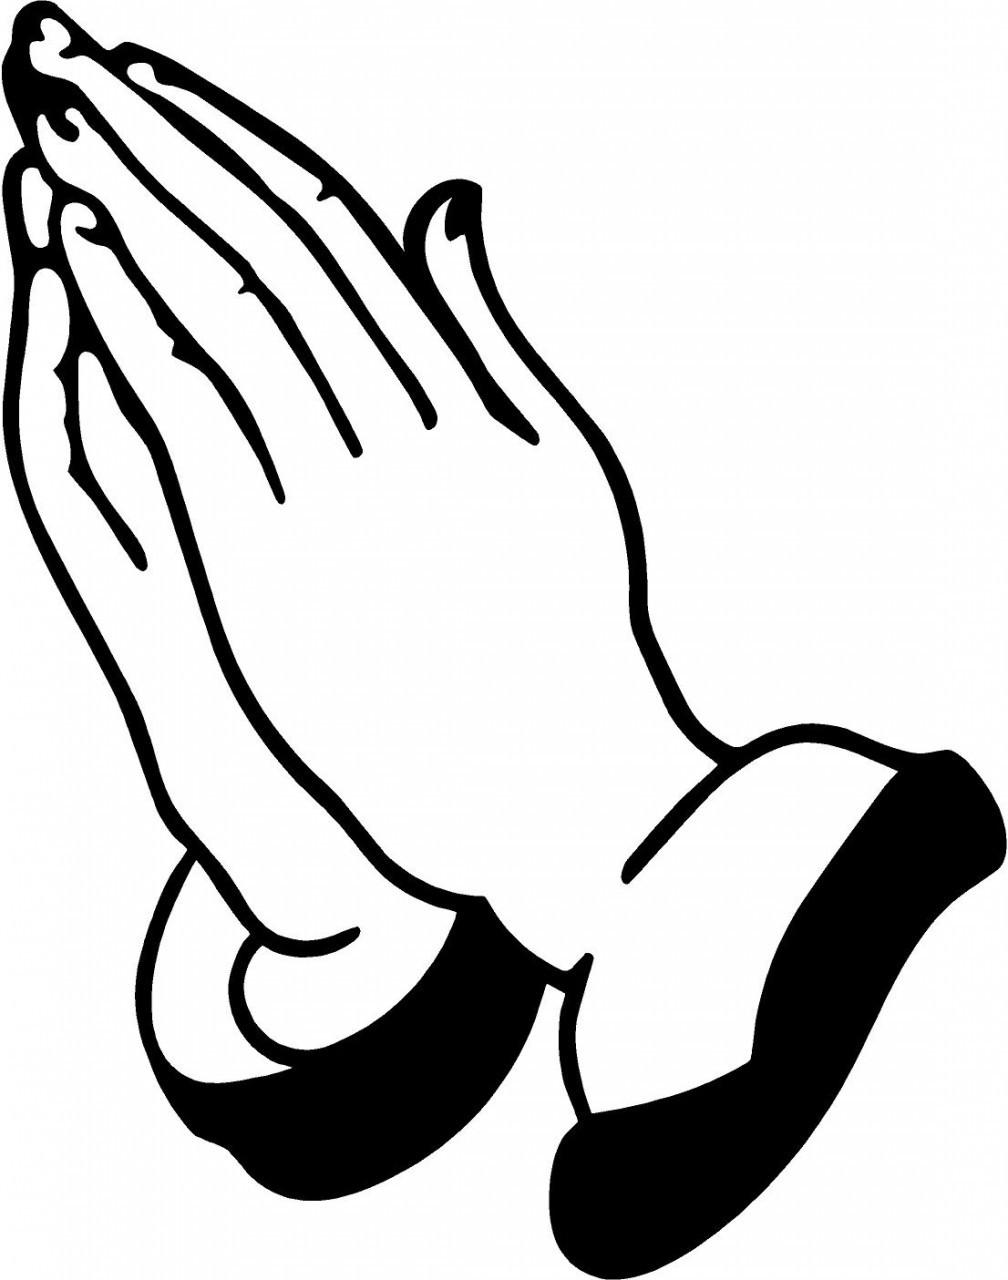 1008x1280 Clip Art Praying Hands